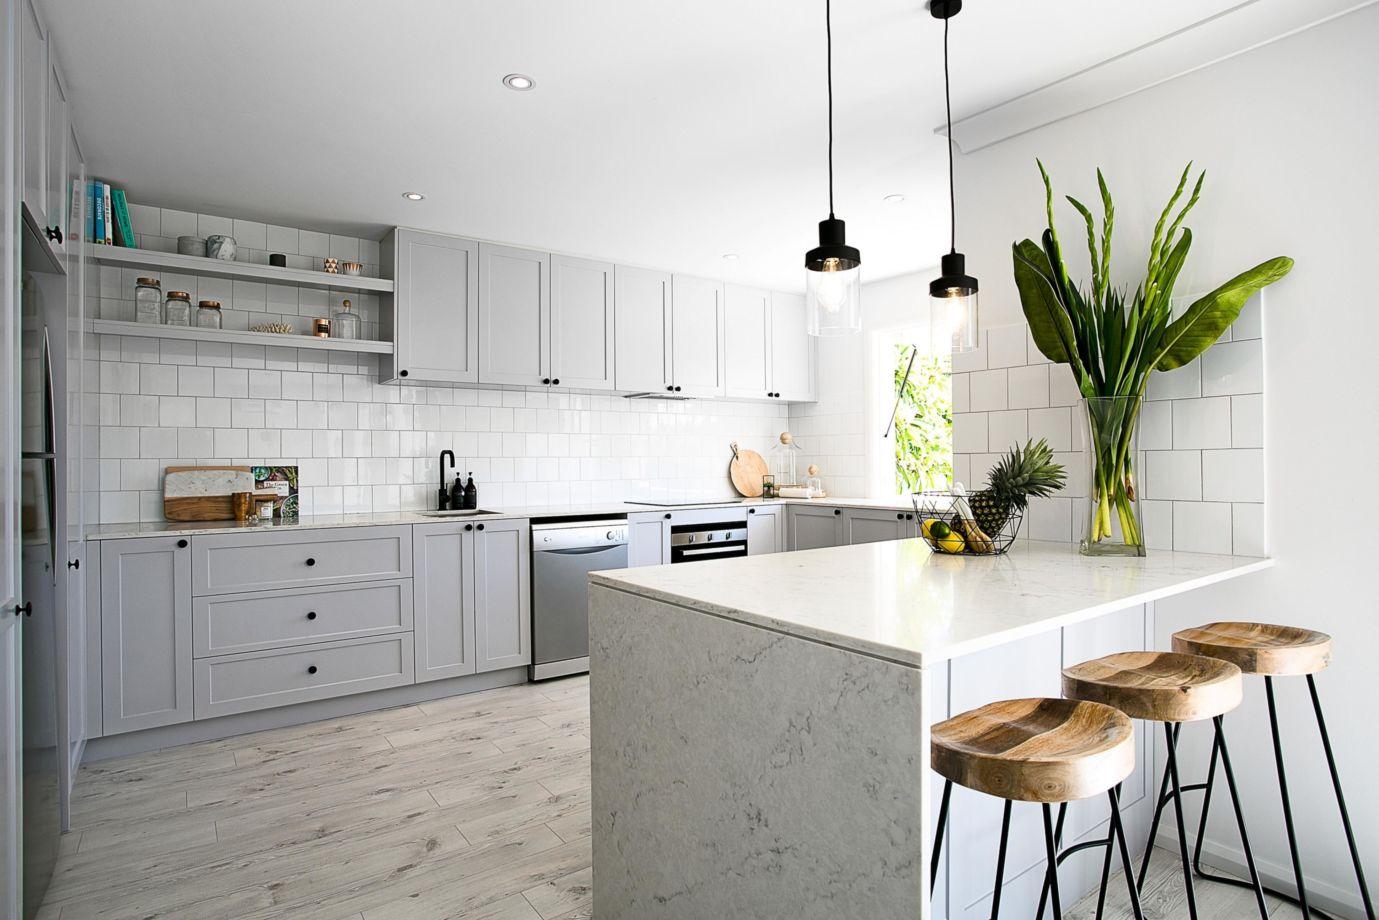 Beautiful hampton style kitchen designs ideas 07